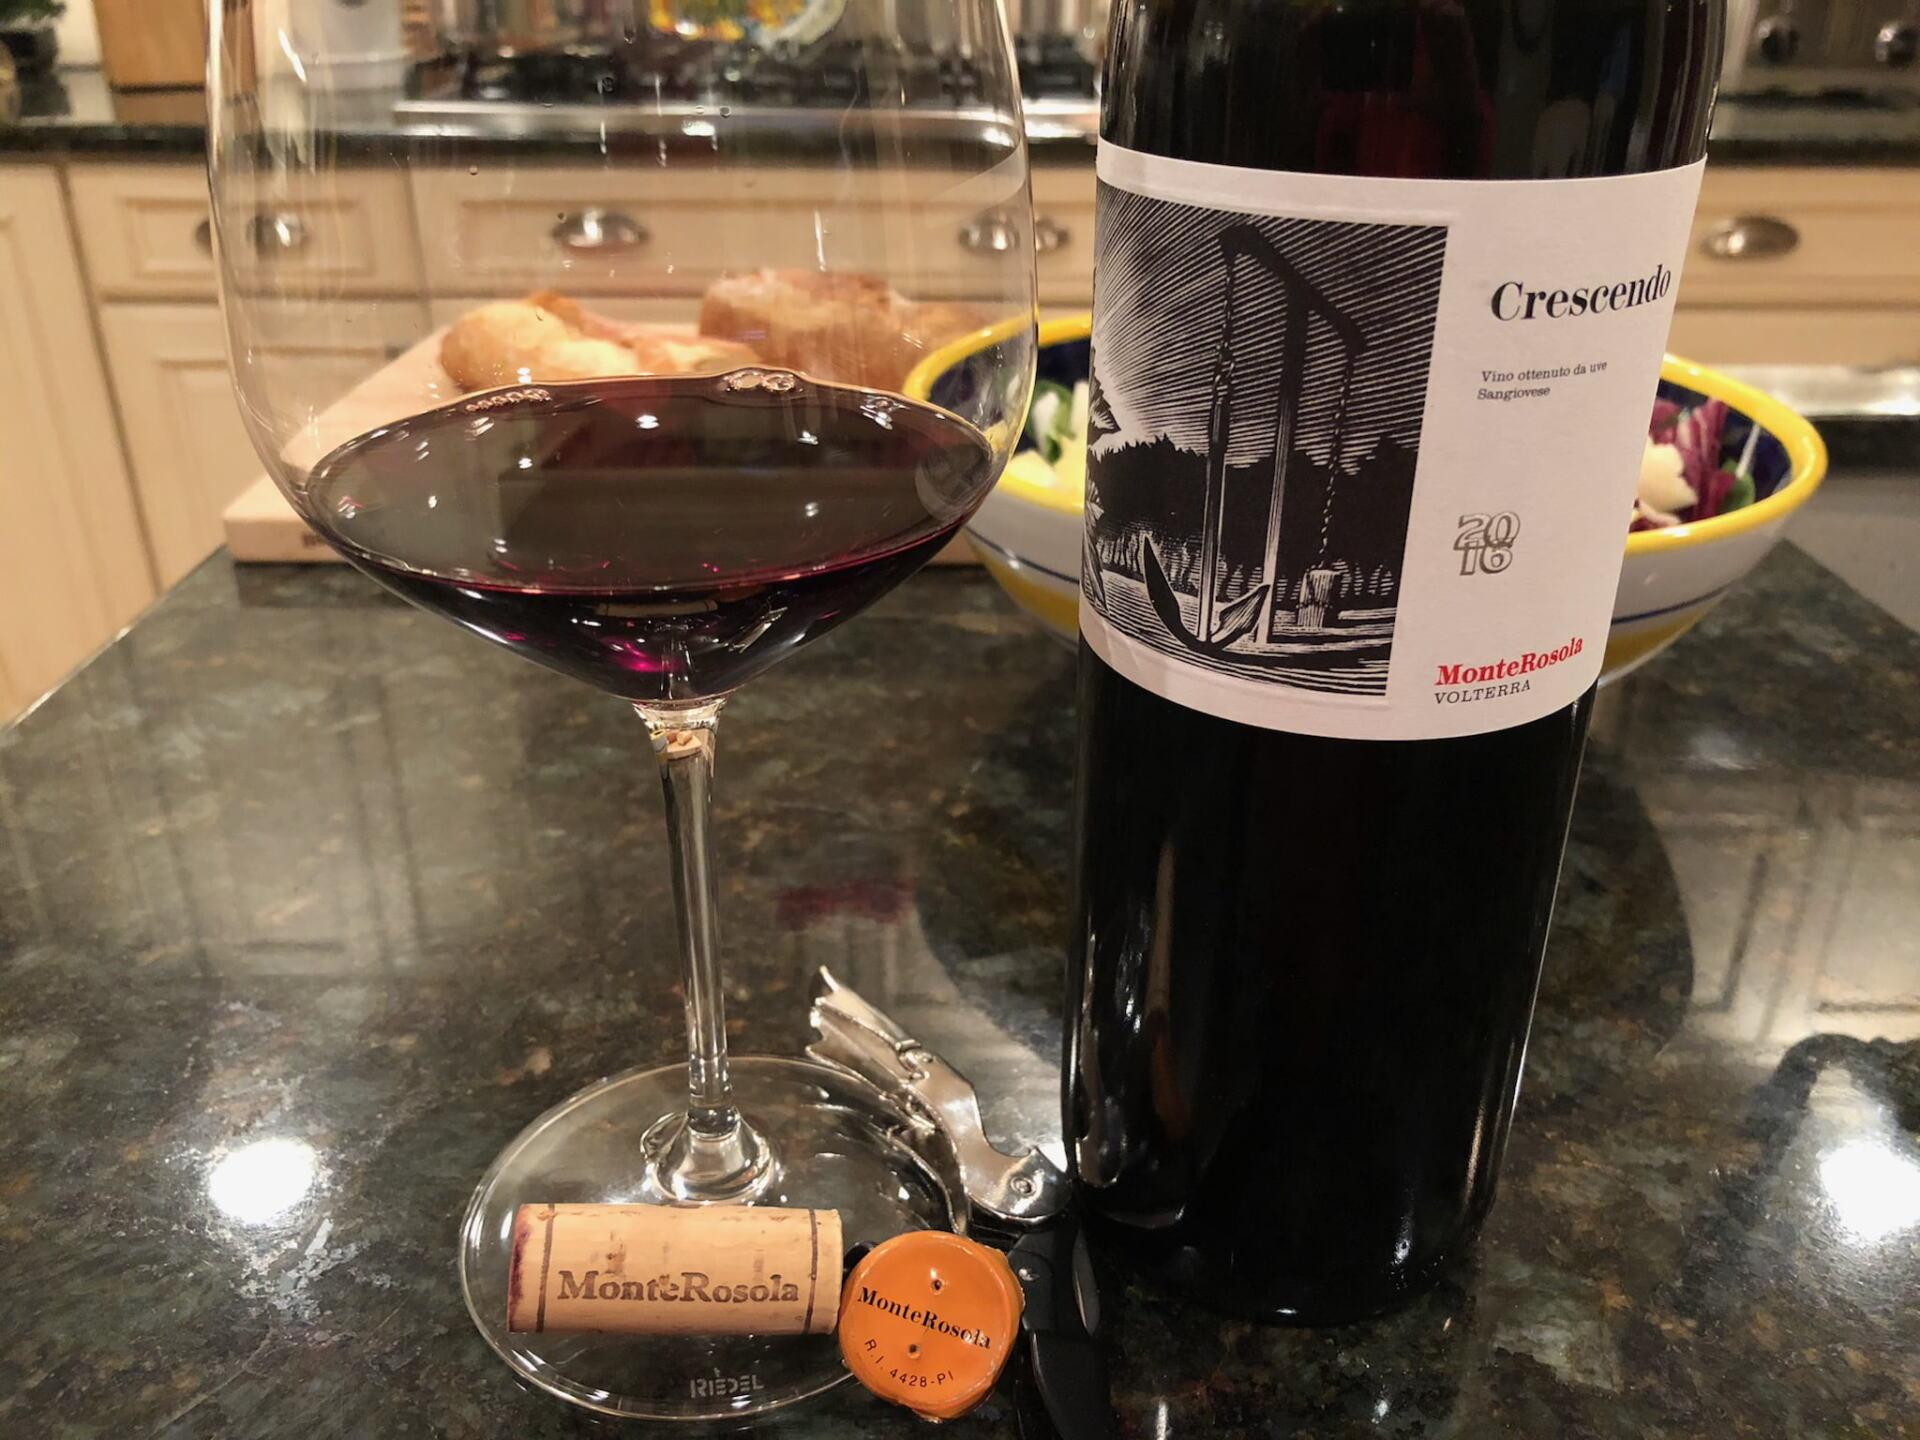 Crescendo wine